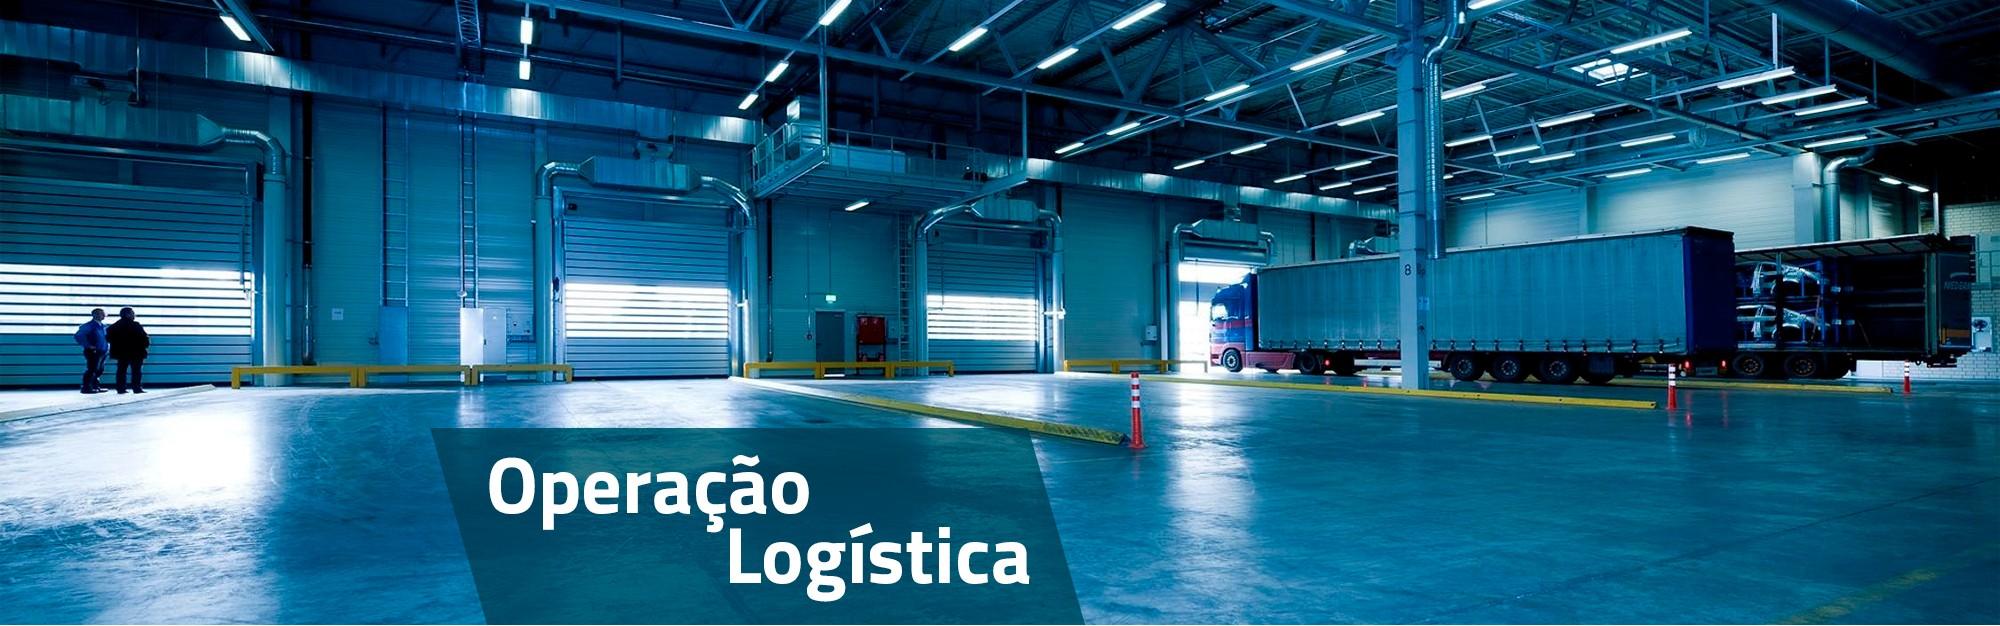 operacao-logistica